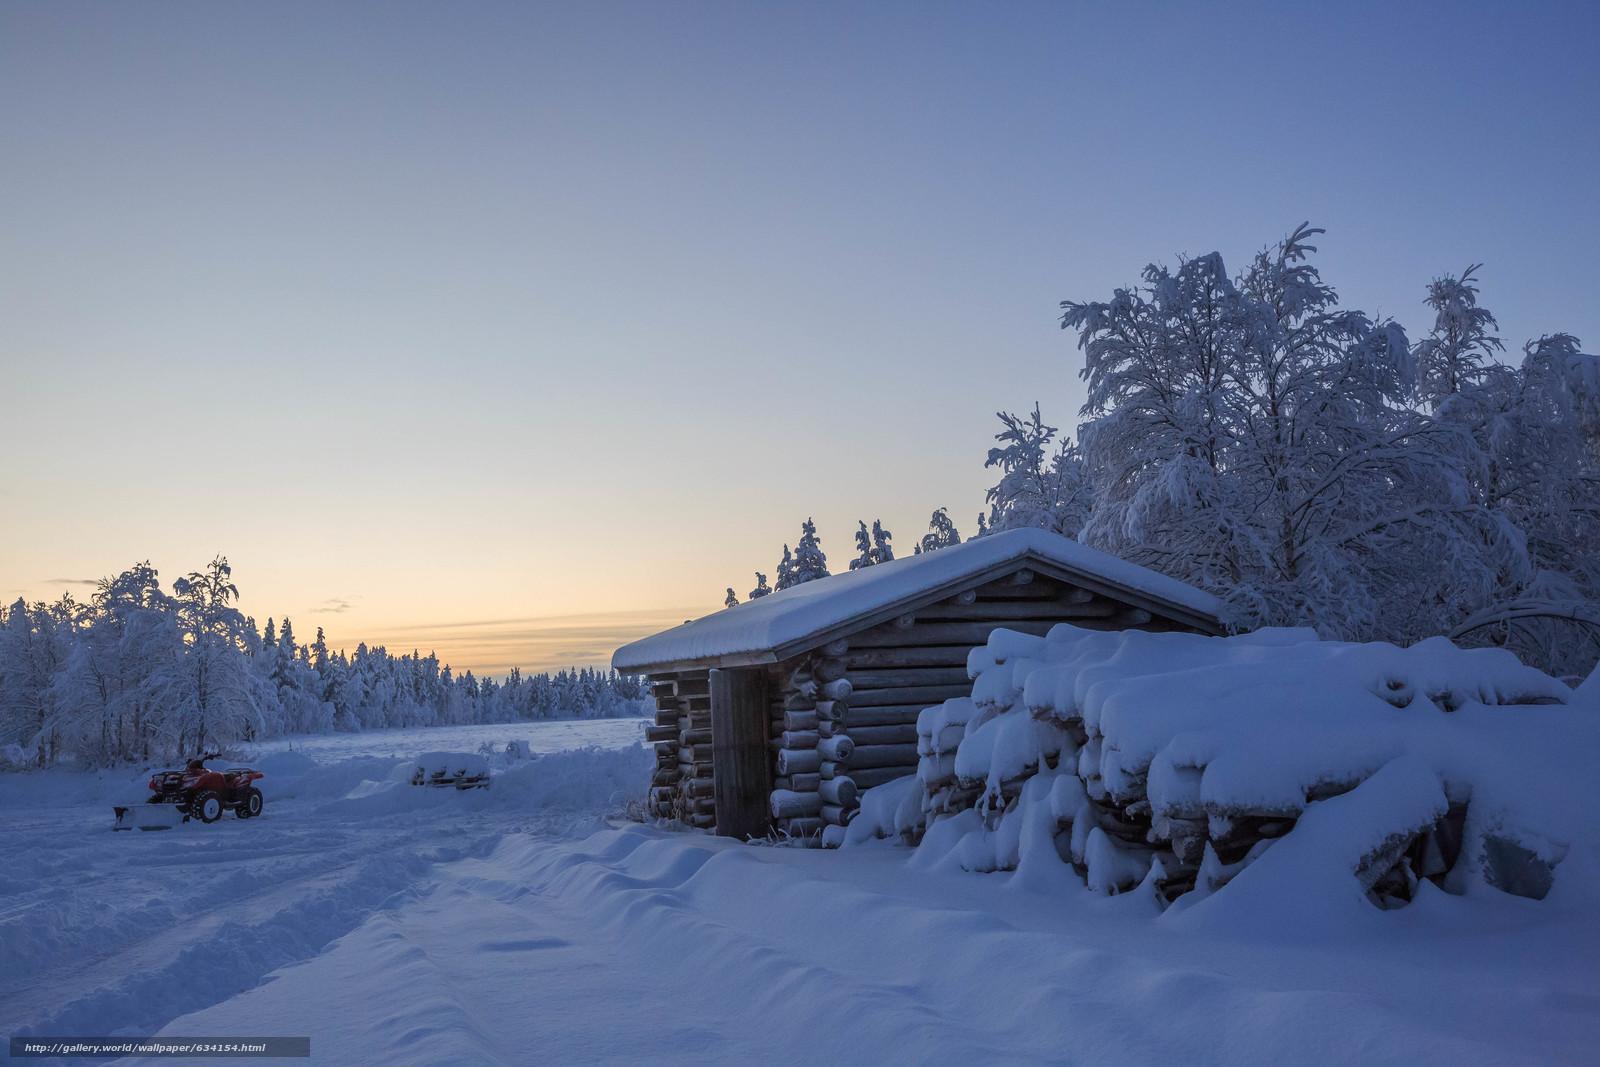 Tlcharger Fond d'ecran hiver,  neige,  maison,  arbres Fonds d'ecran gratuits pour votre rsolution du bureau 5760x3840 — image №634154